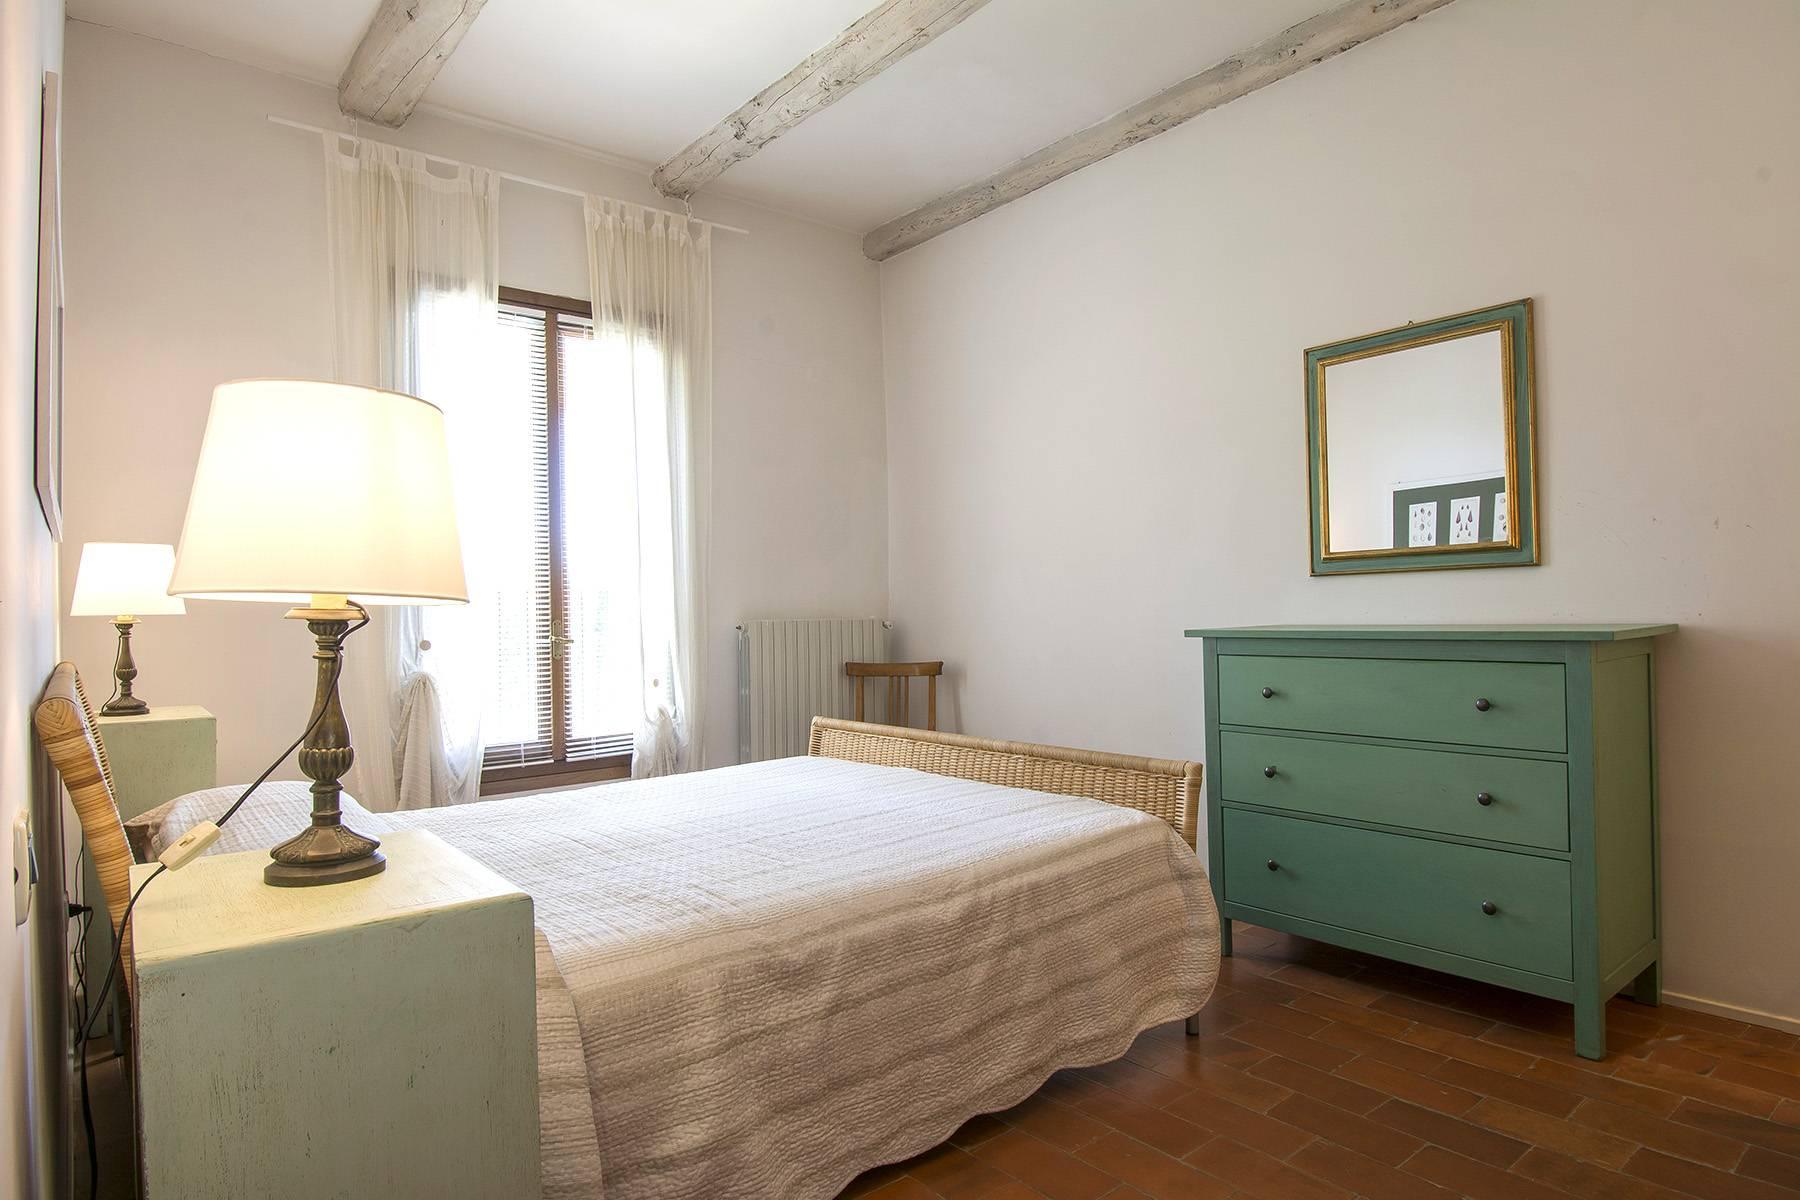 Villa in Vendita a Montecatini-Terme: 5 locali, 250 mq - Foto 23